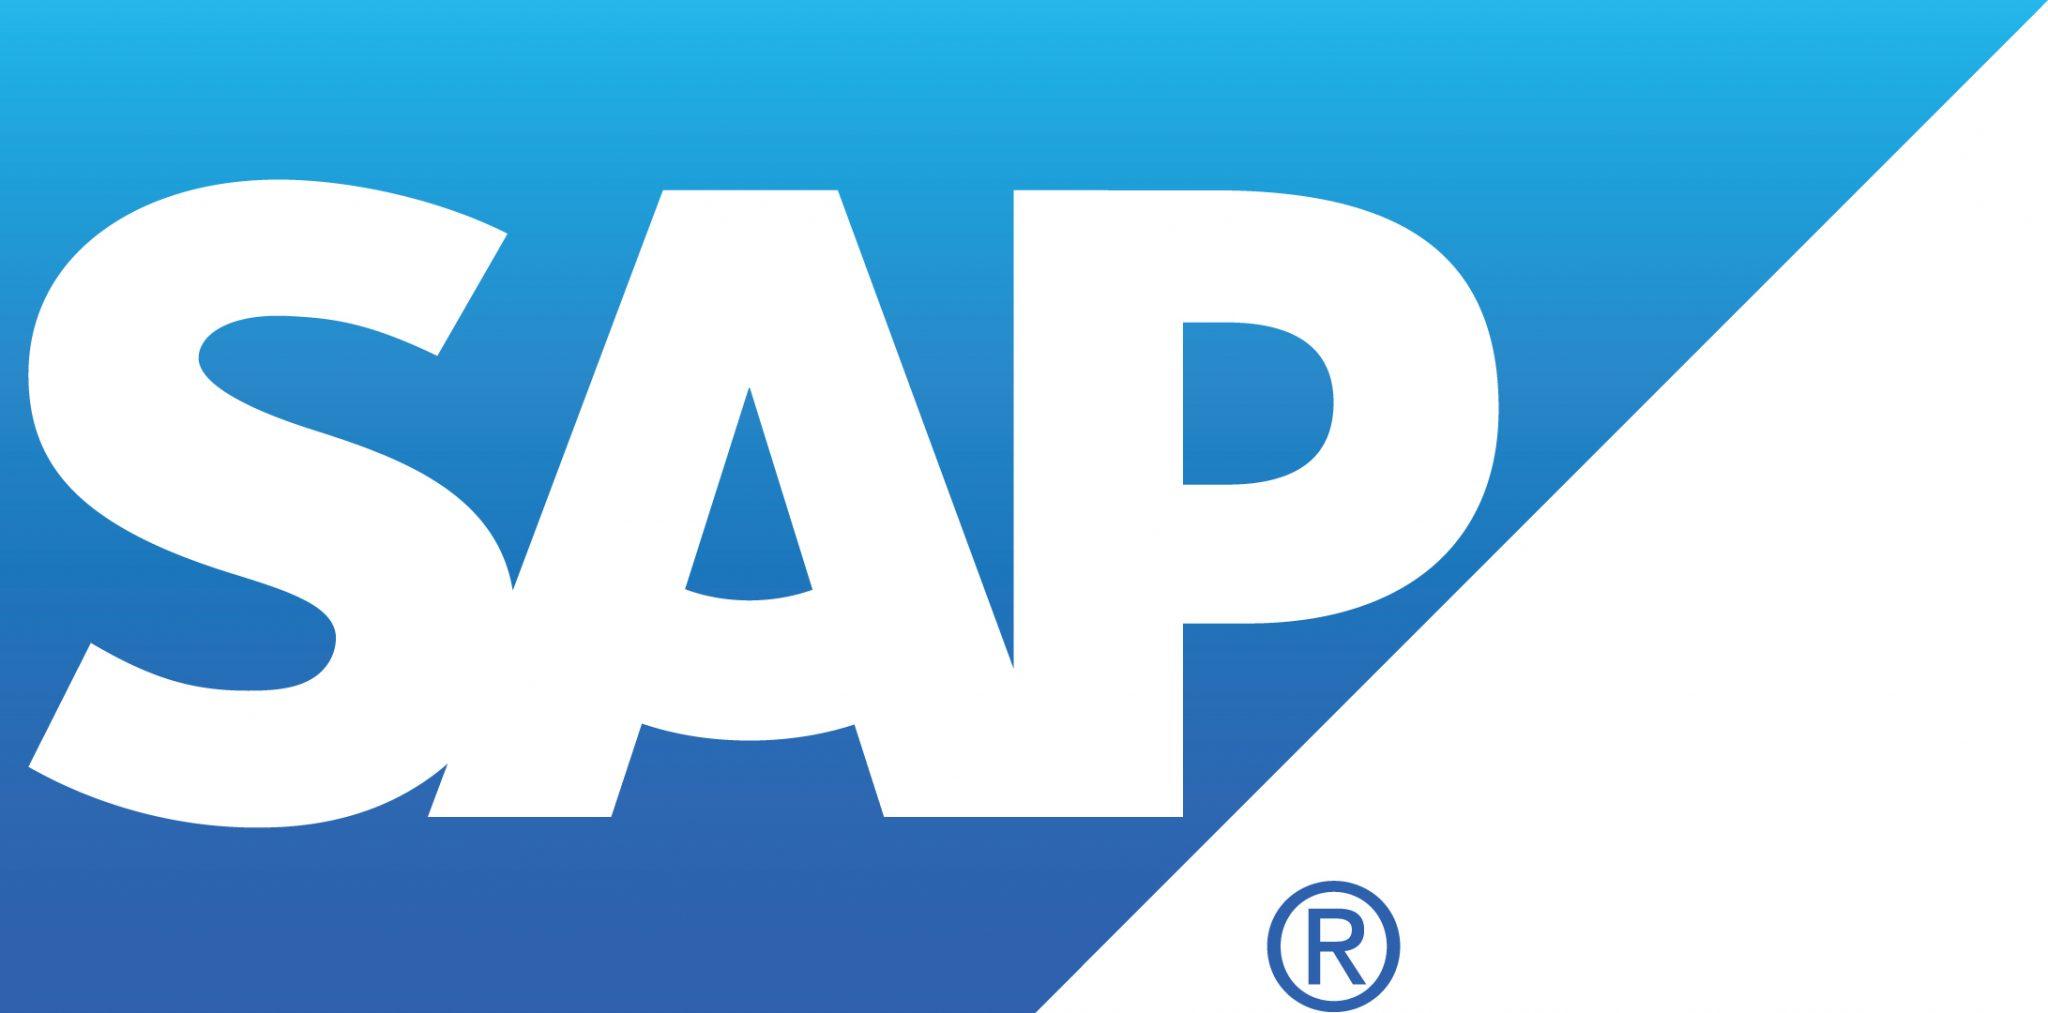 SAP's logo